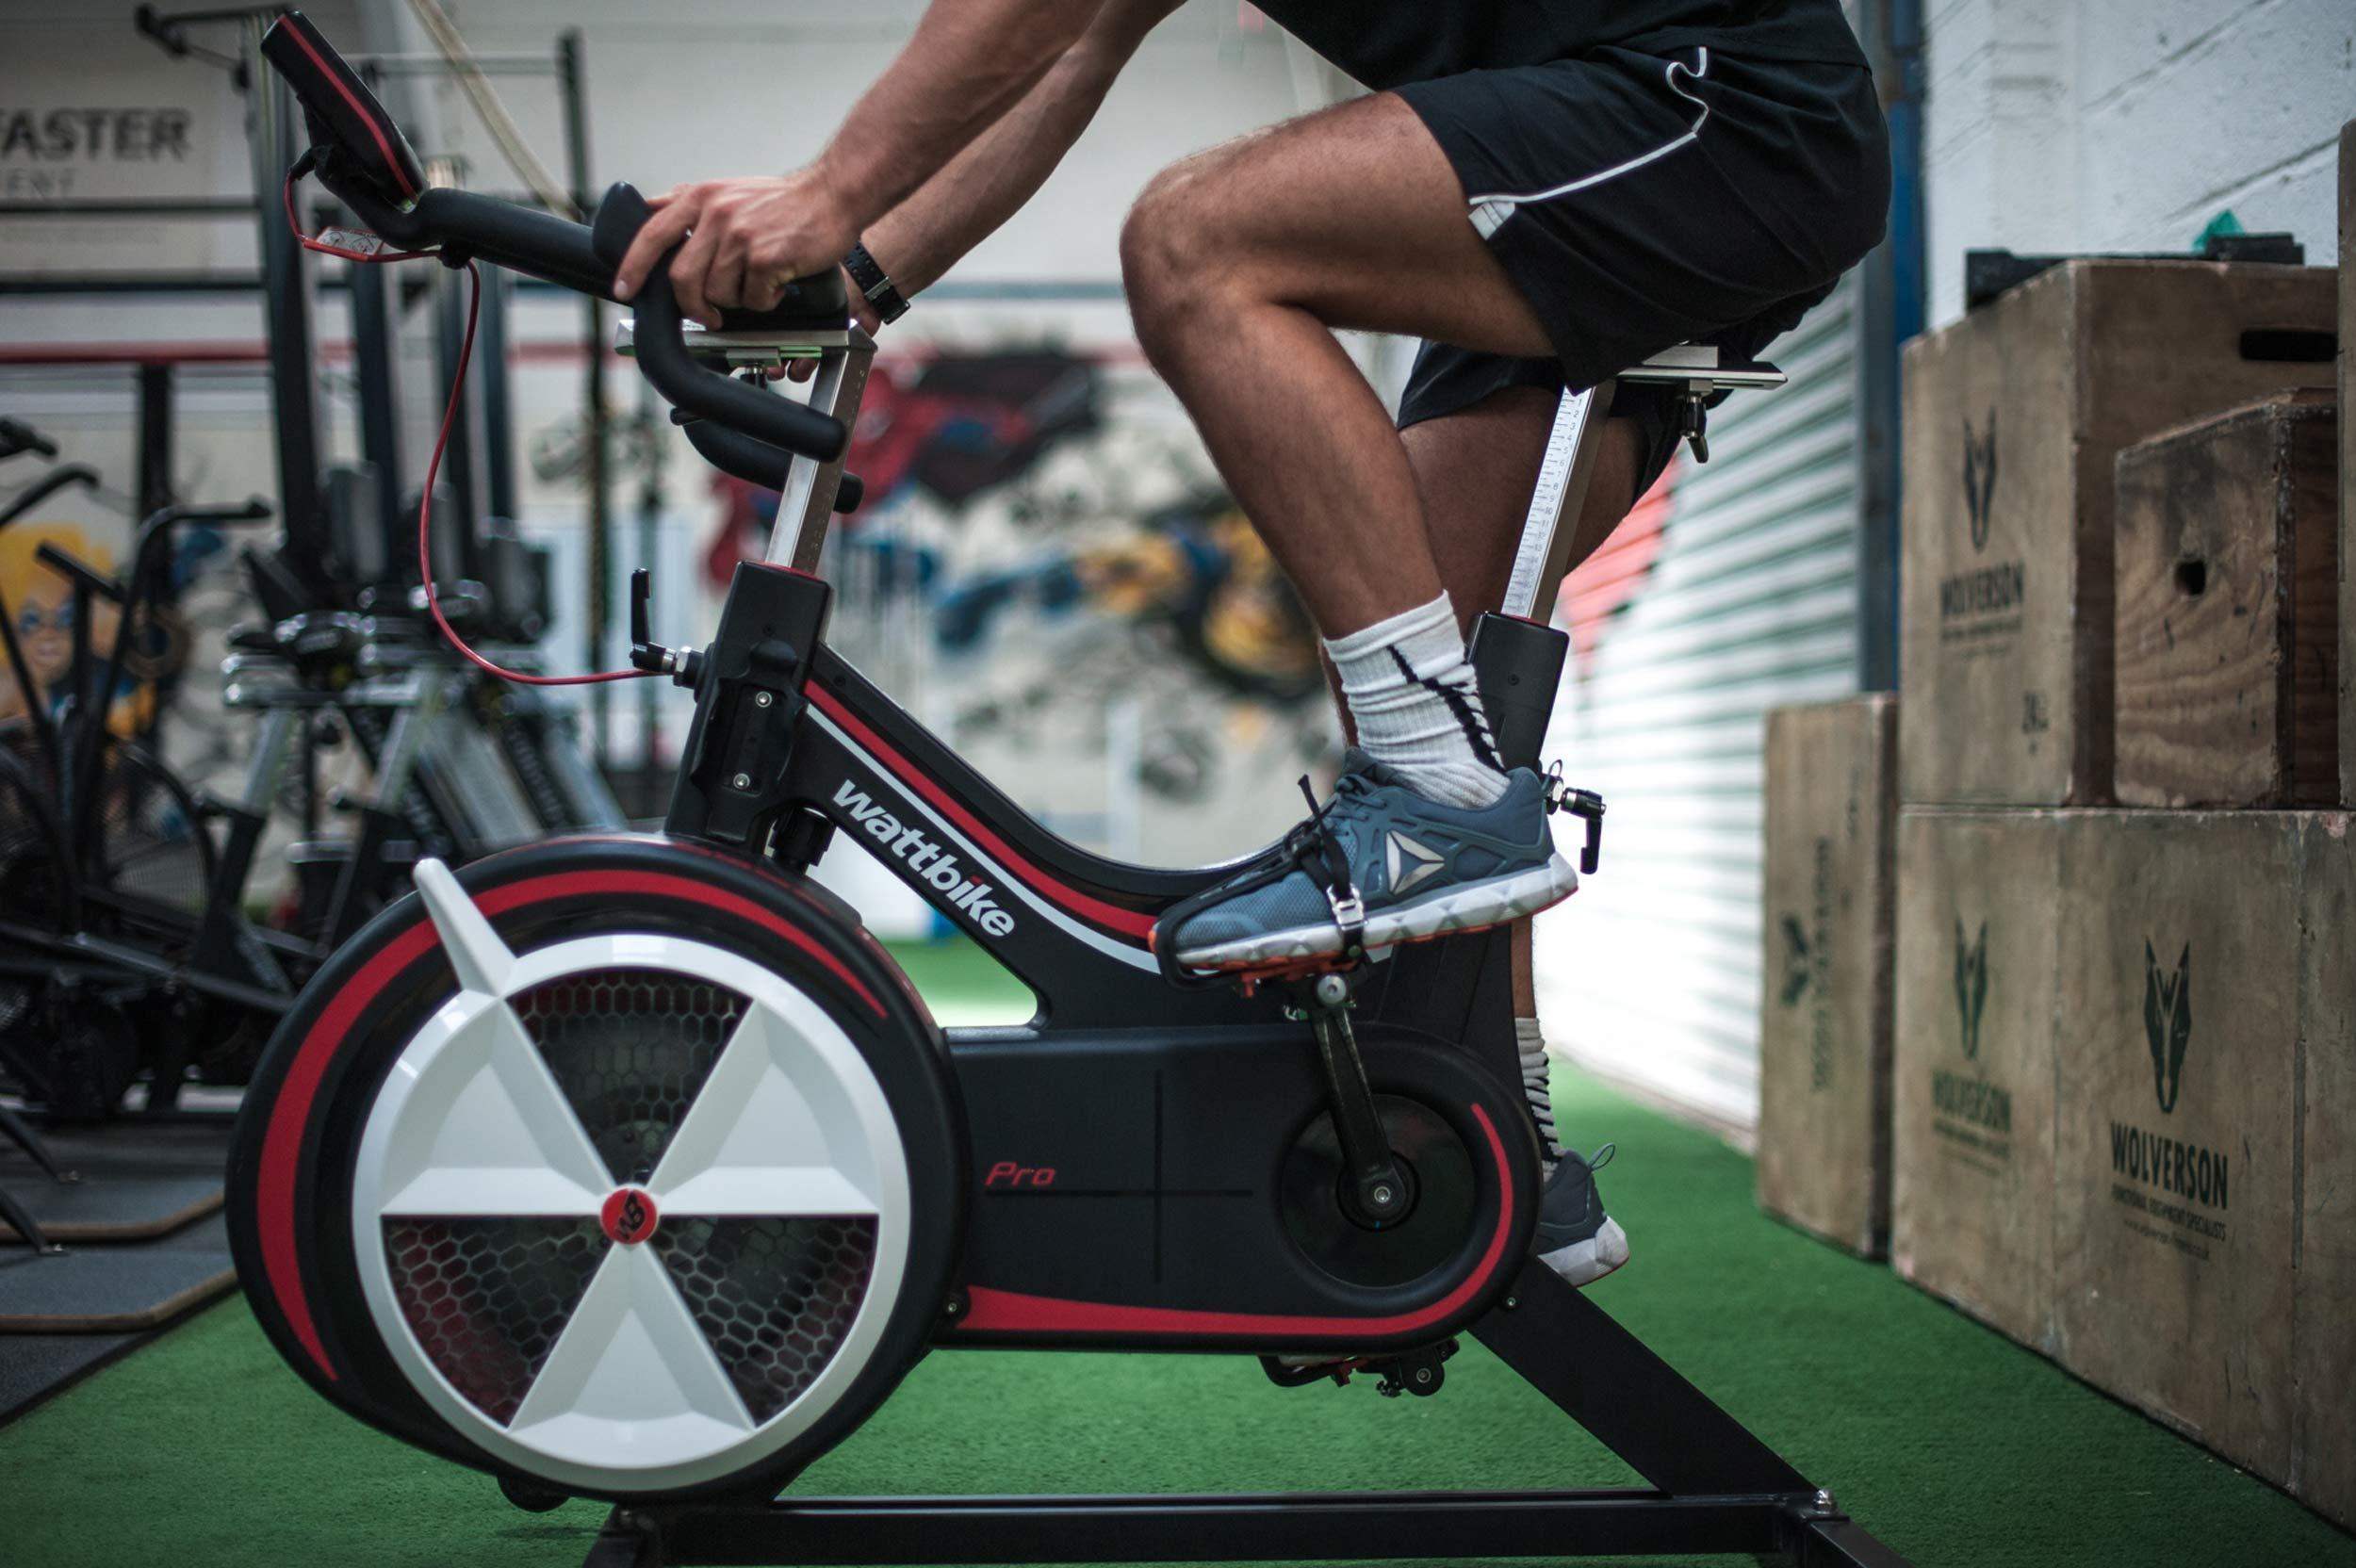 gym-66-cheltenham-strength-conditioning-watt-bike.JPG